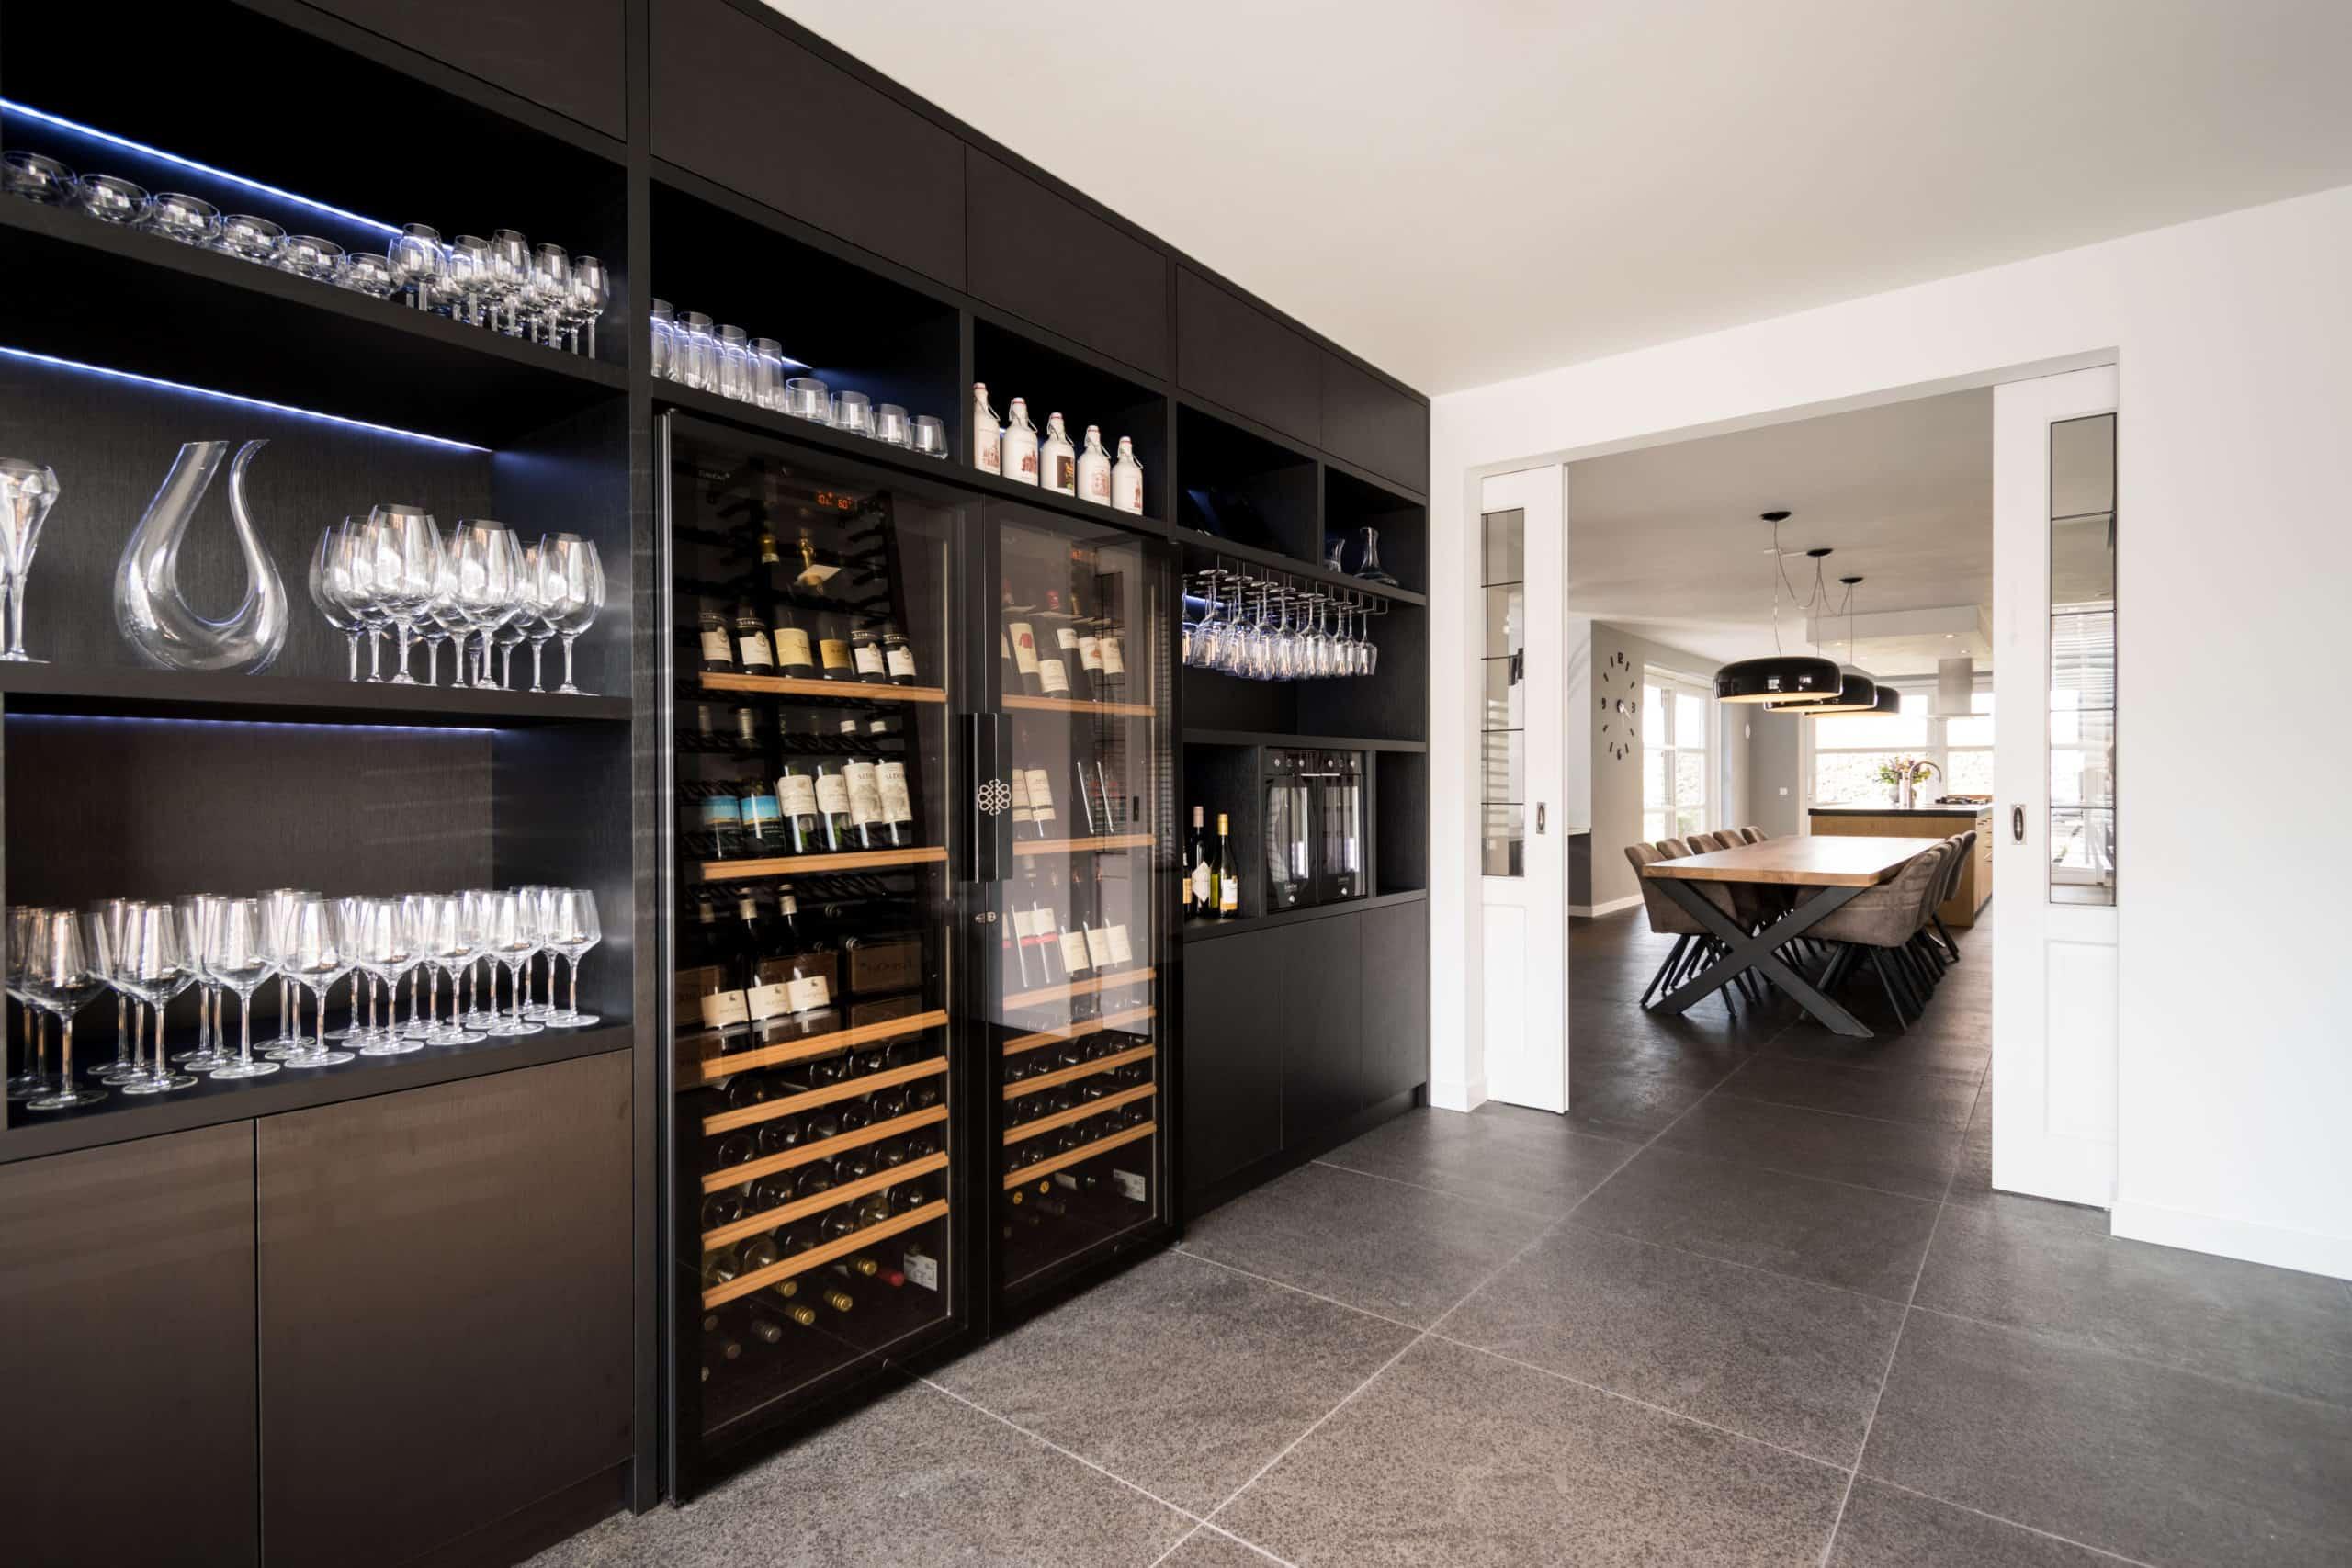 Wijnkast| houtenvorm